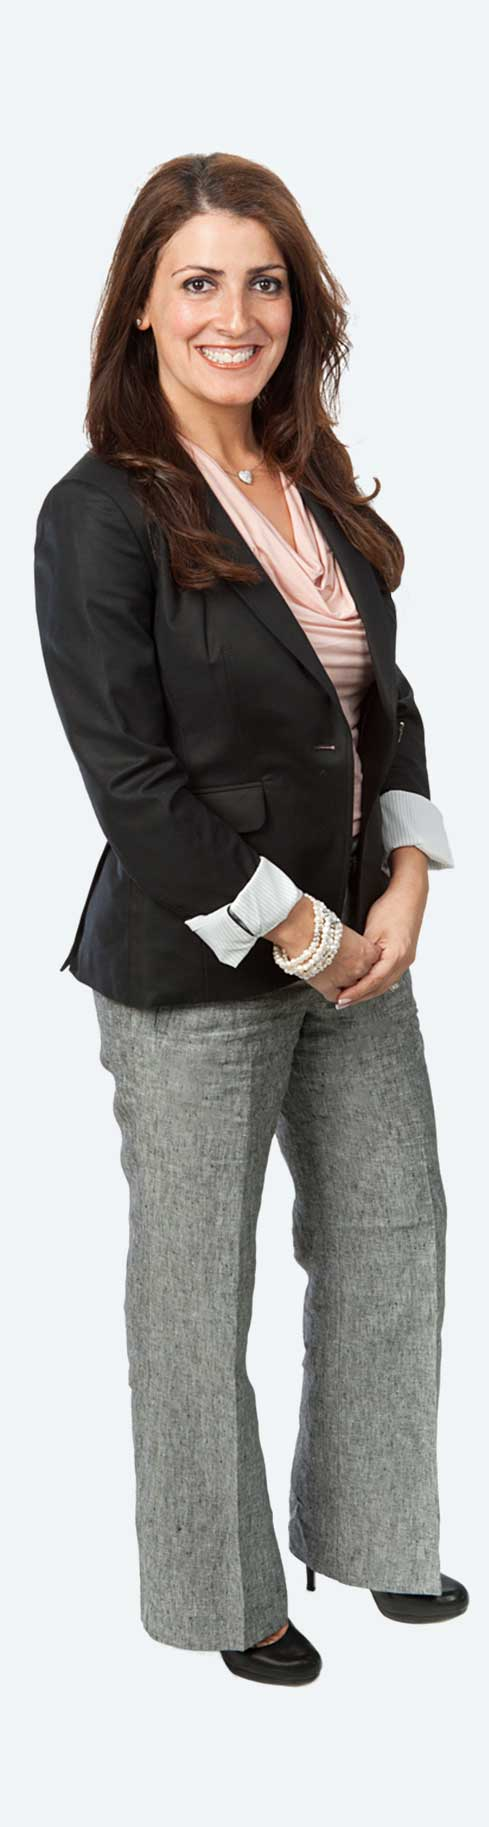 Rima Touma-Bruno